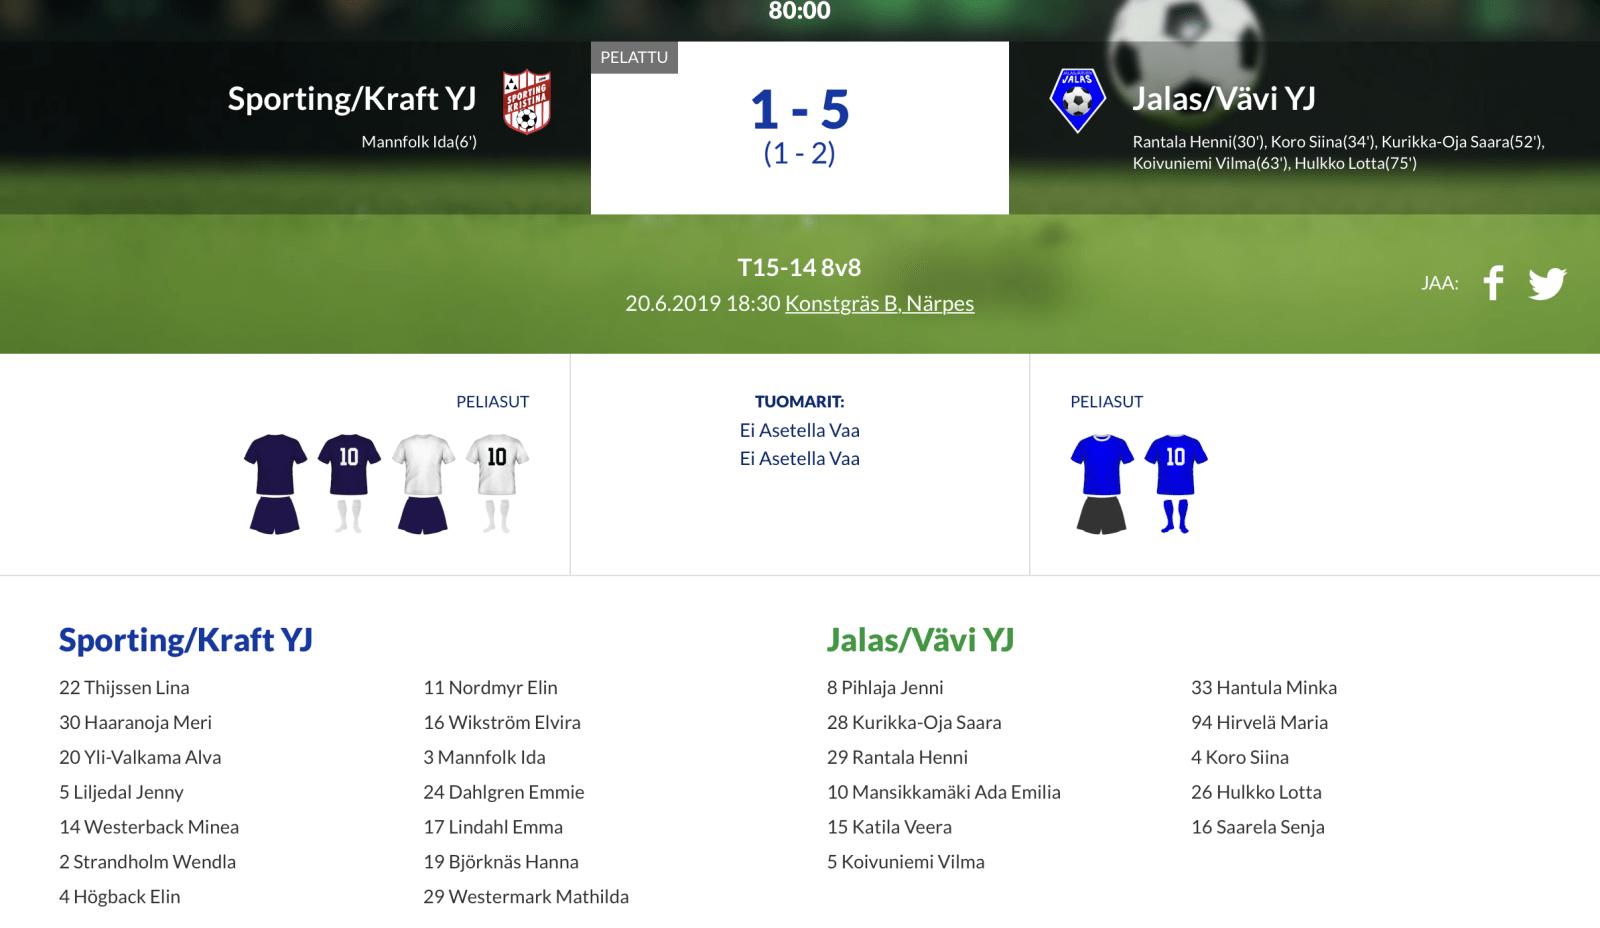 T15 Sporting/Kraft YJ – Jalas/VäVi YJ 1-5 (1-2)